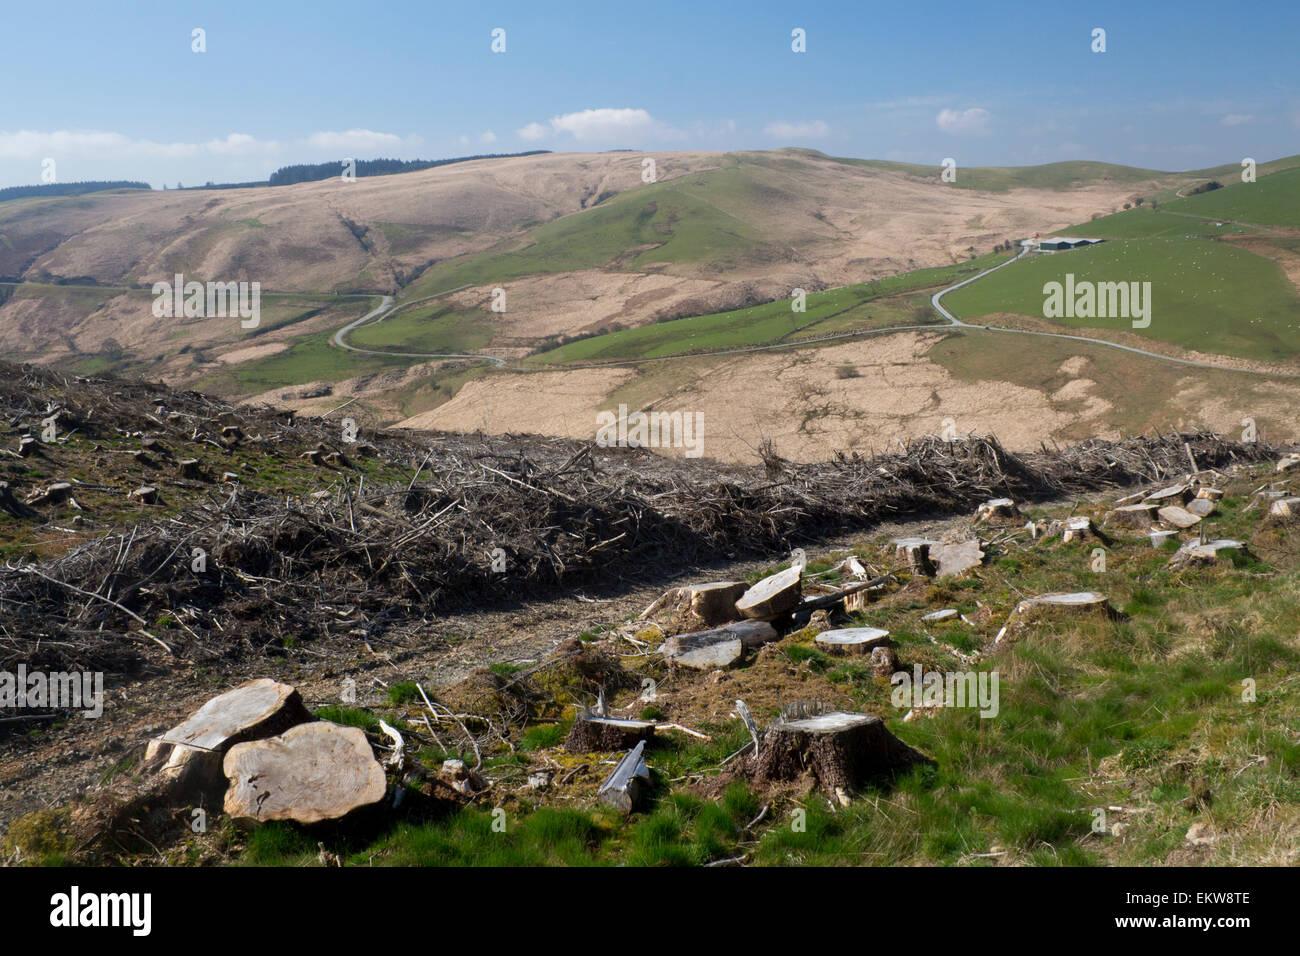 La deforestación en la remota campiña de Gales cerca de Llyn Brianne Ceredigion Mid Wales UK Imagen De Stock